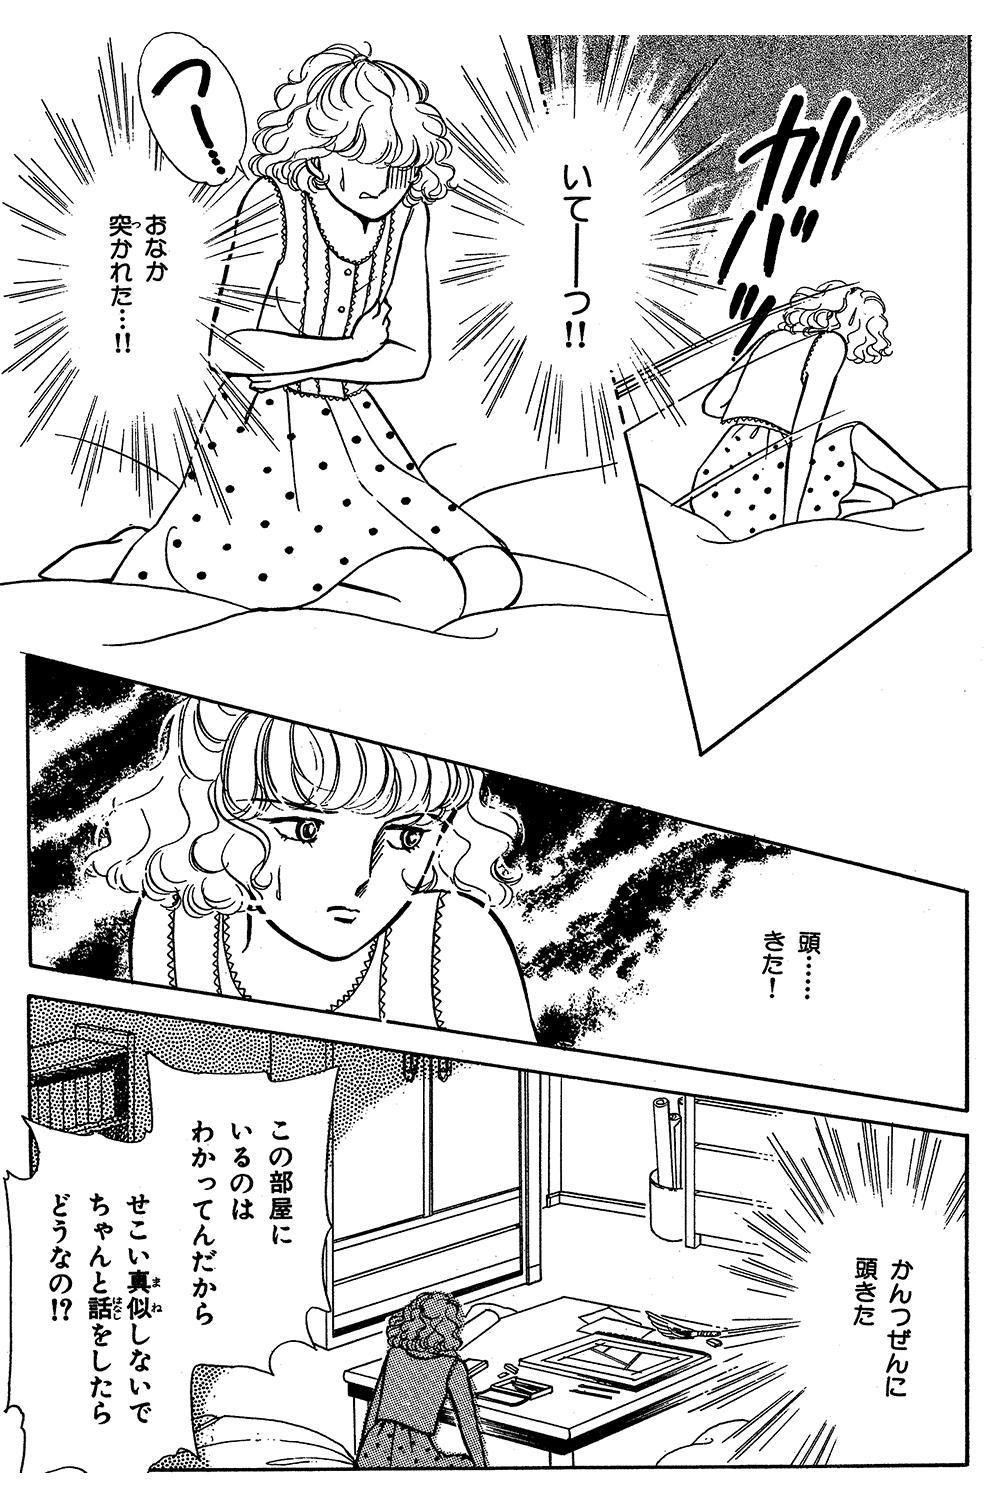 魔百合の恐怖報告 第1話「部屋の隅の白い影」②mayuri18.jpg